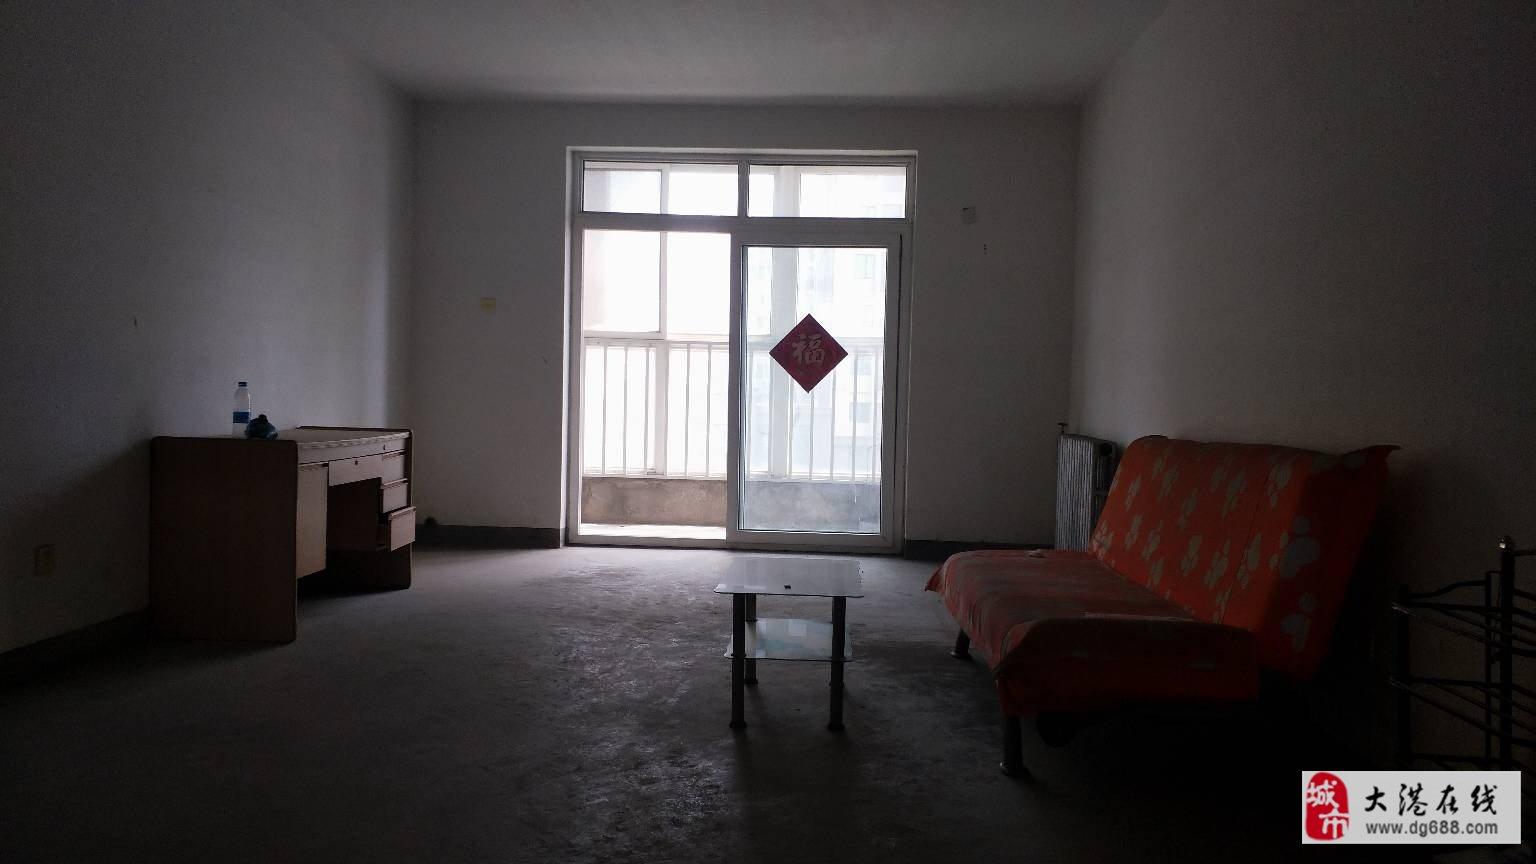 福华里4楼98平米110万两室通厅落地窗无税无贷